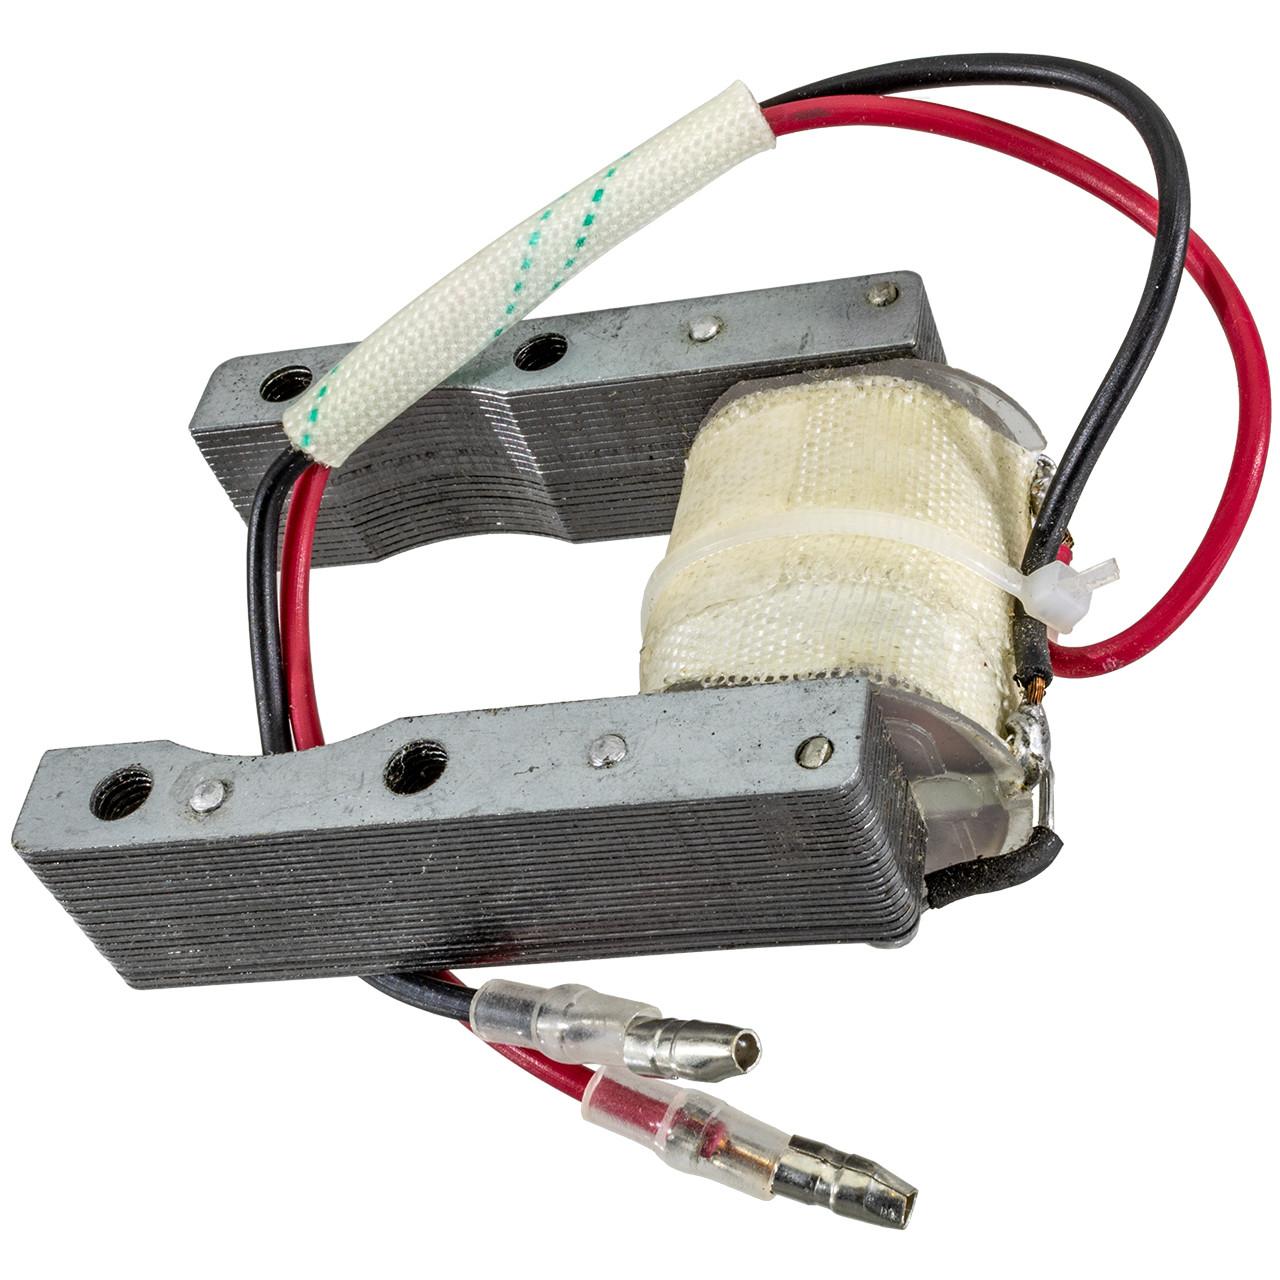 OZ Super Magneto Stator Coil - High Performance Sparker Loop Set